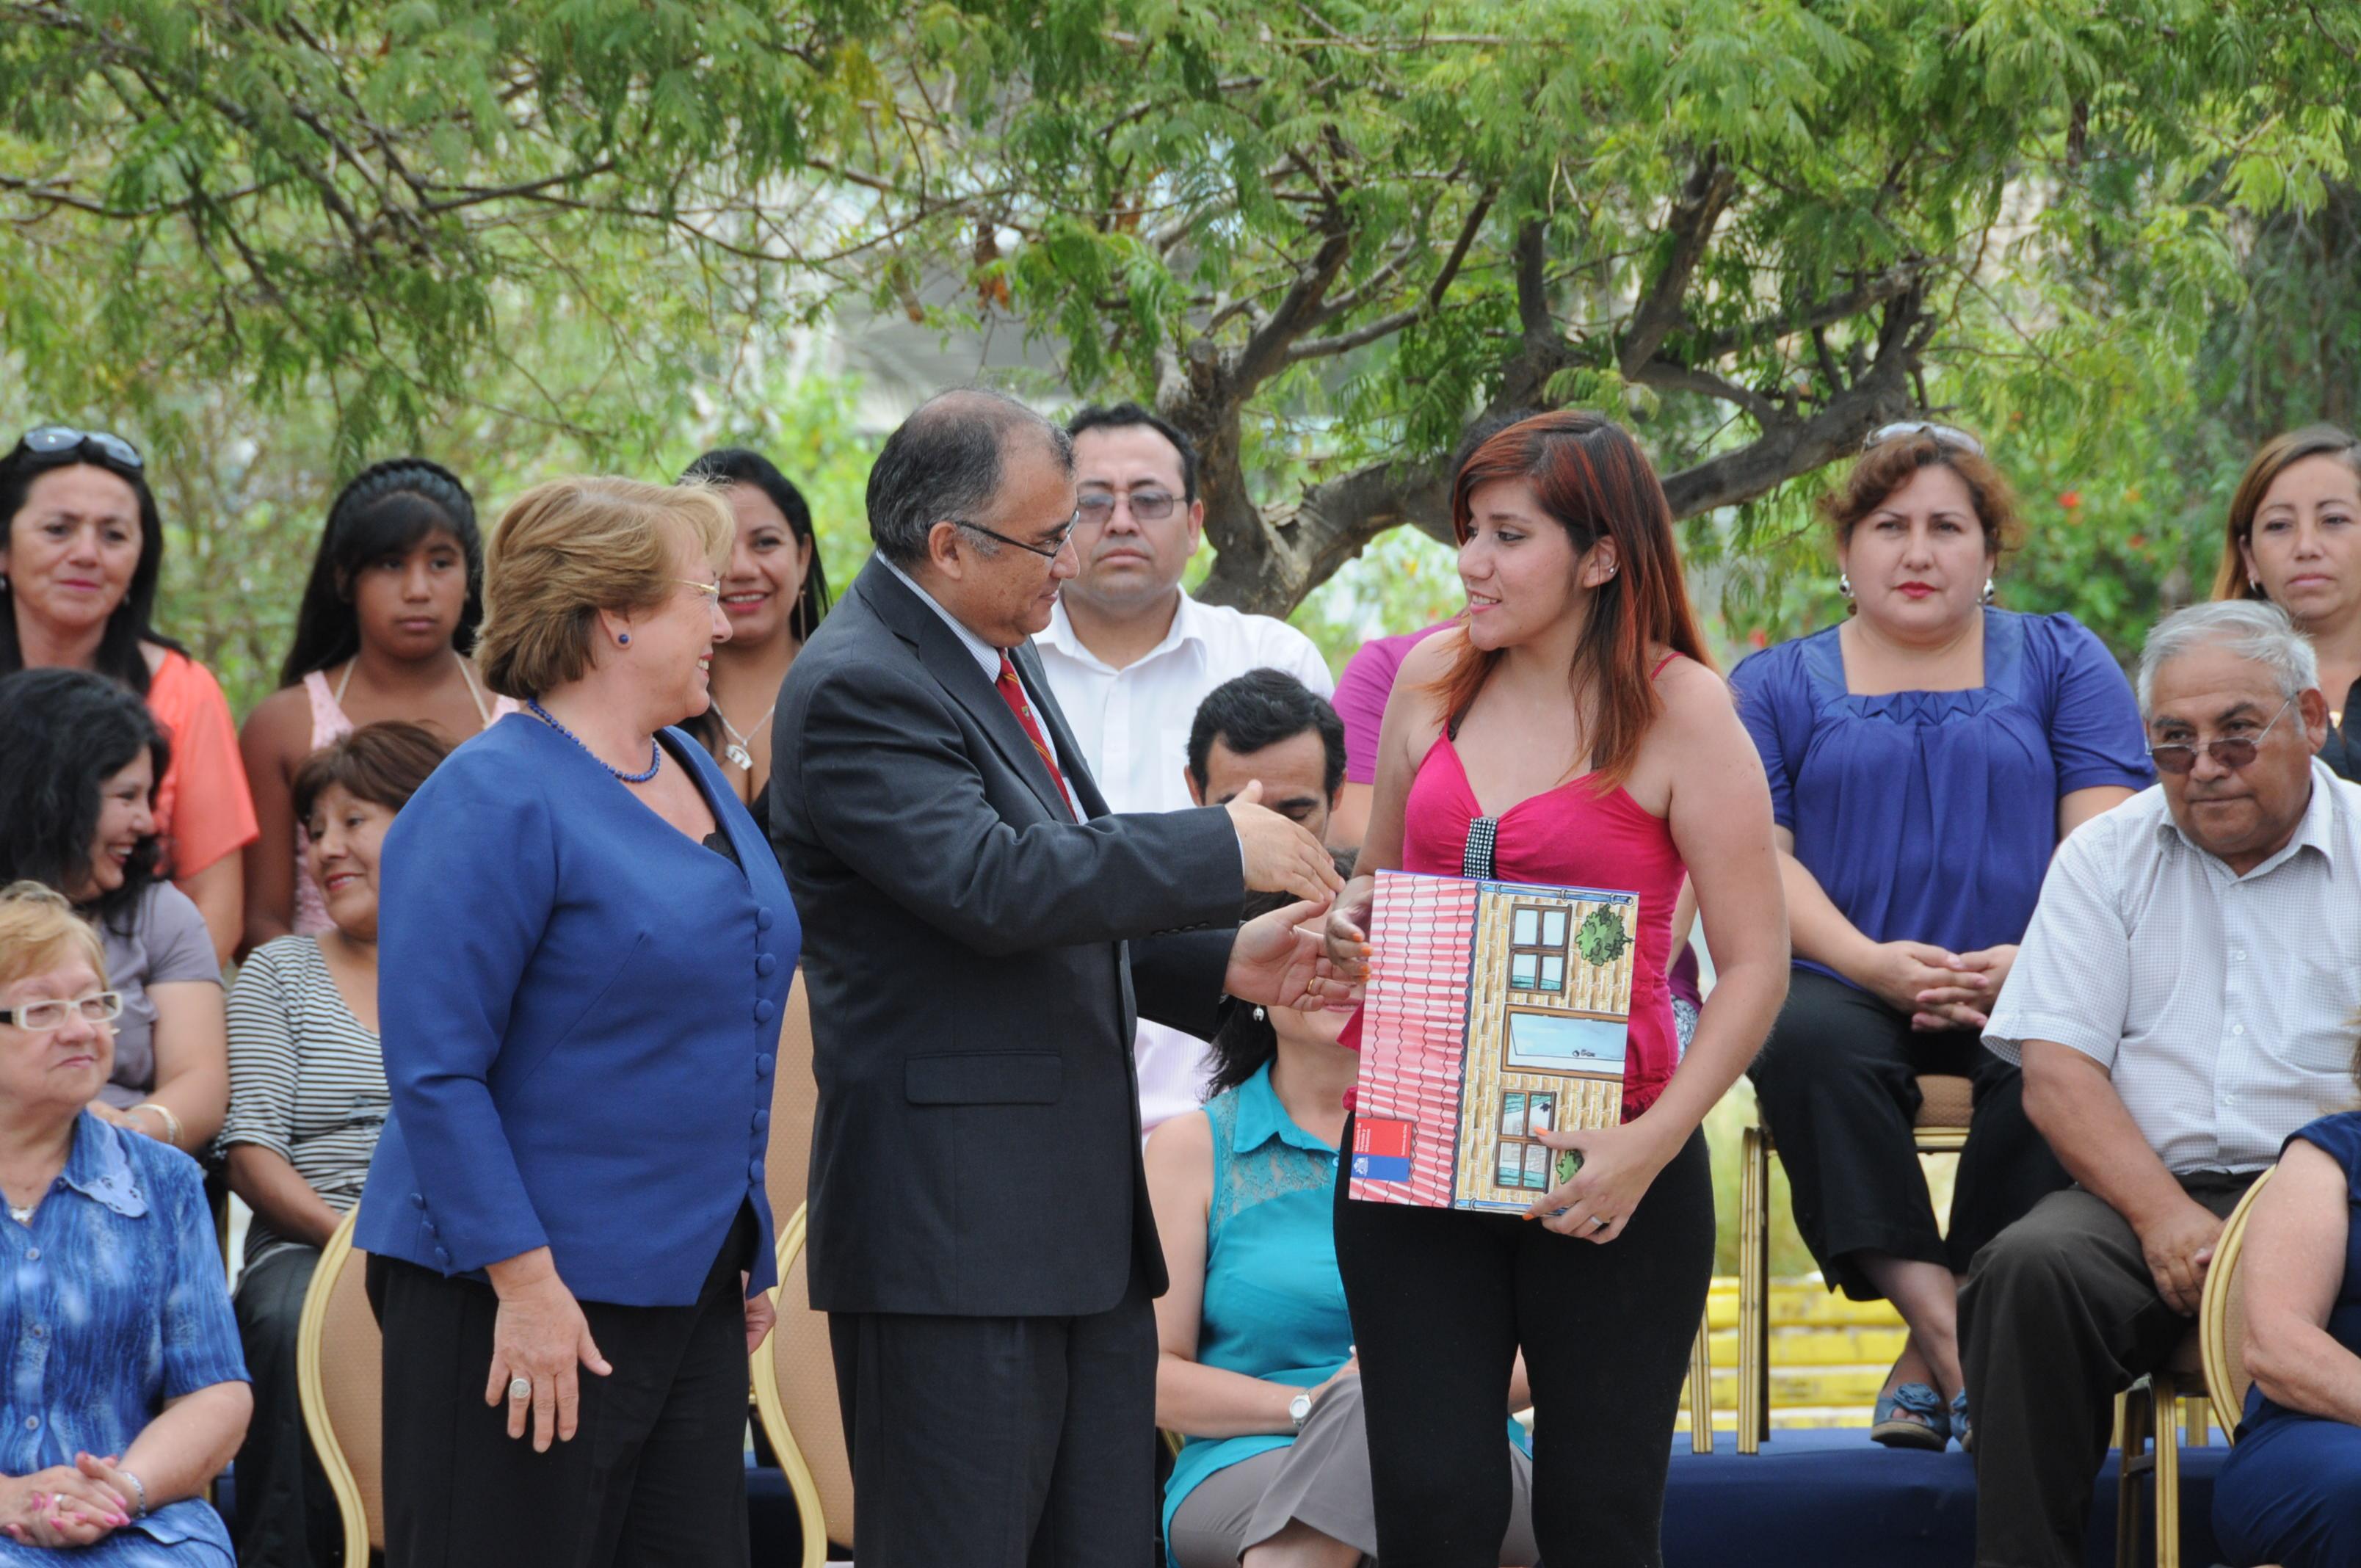 Presidenta Bachelet Entregó 231 subsidios Habitacionales  y Reiteró  Compromiso de 196 Mil Millones en Inversión para Viviendas en la región